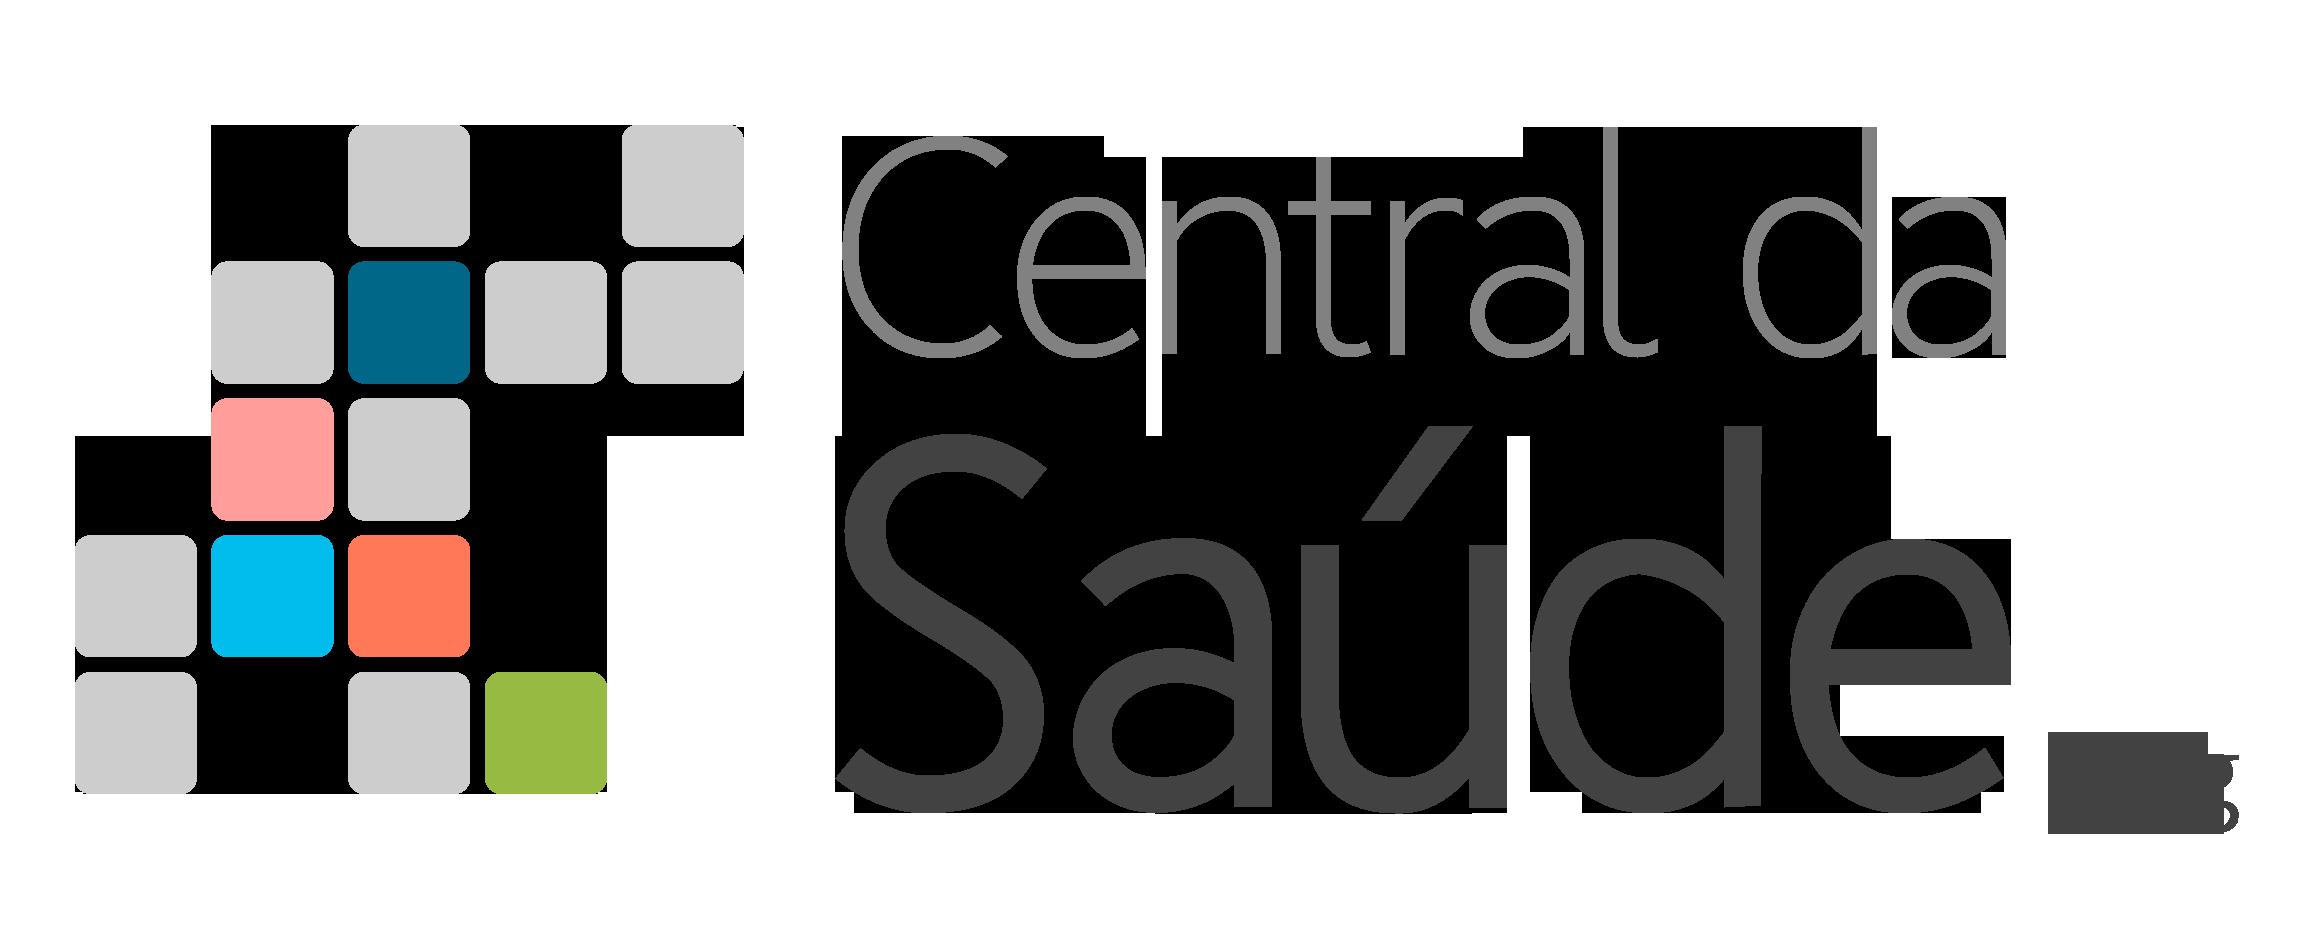 Central da Saúde